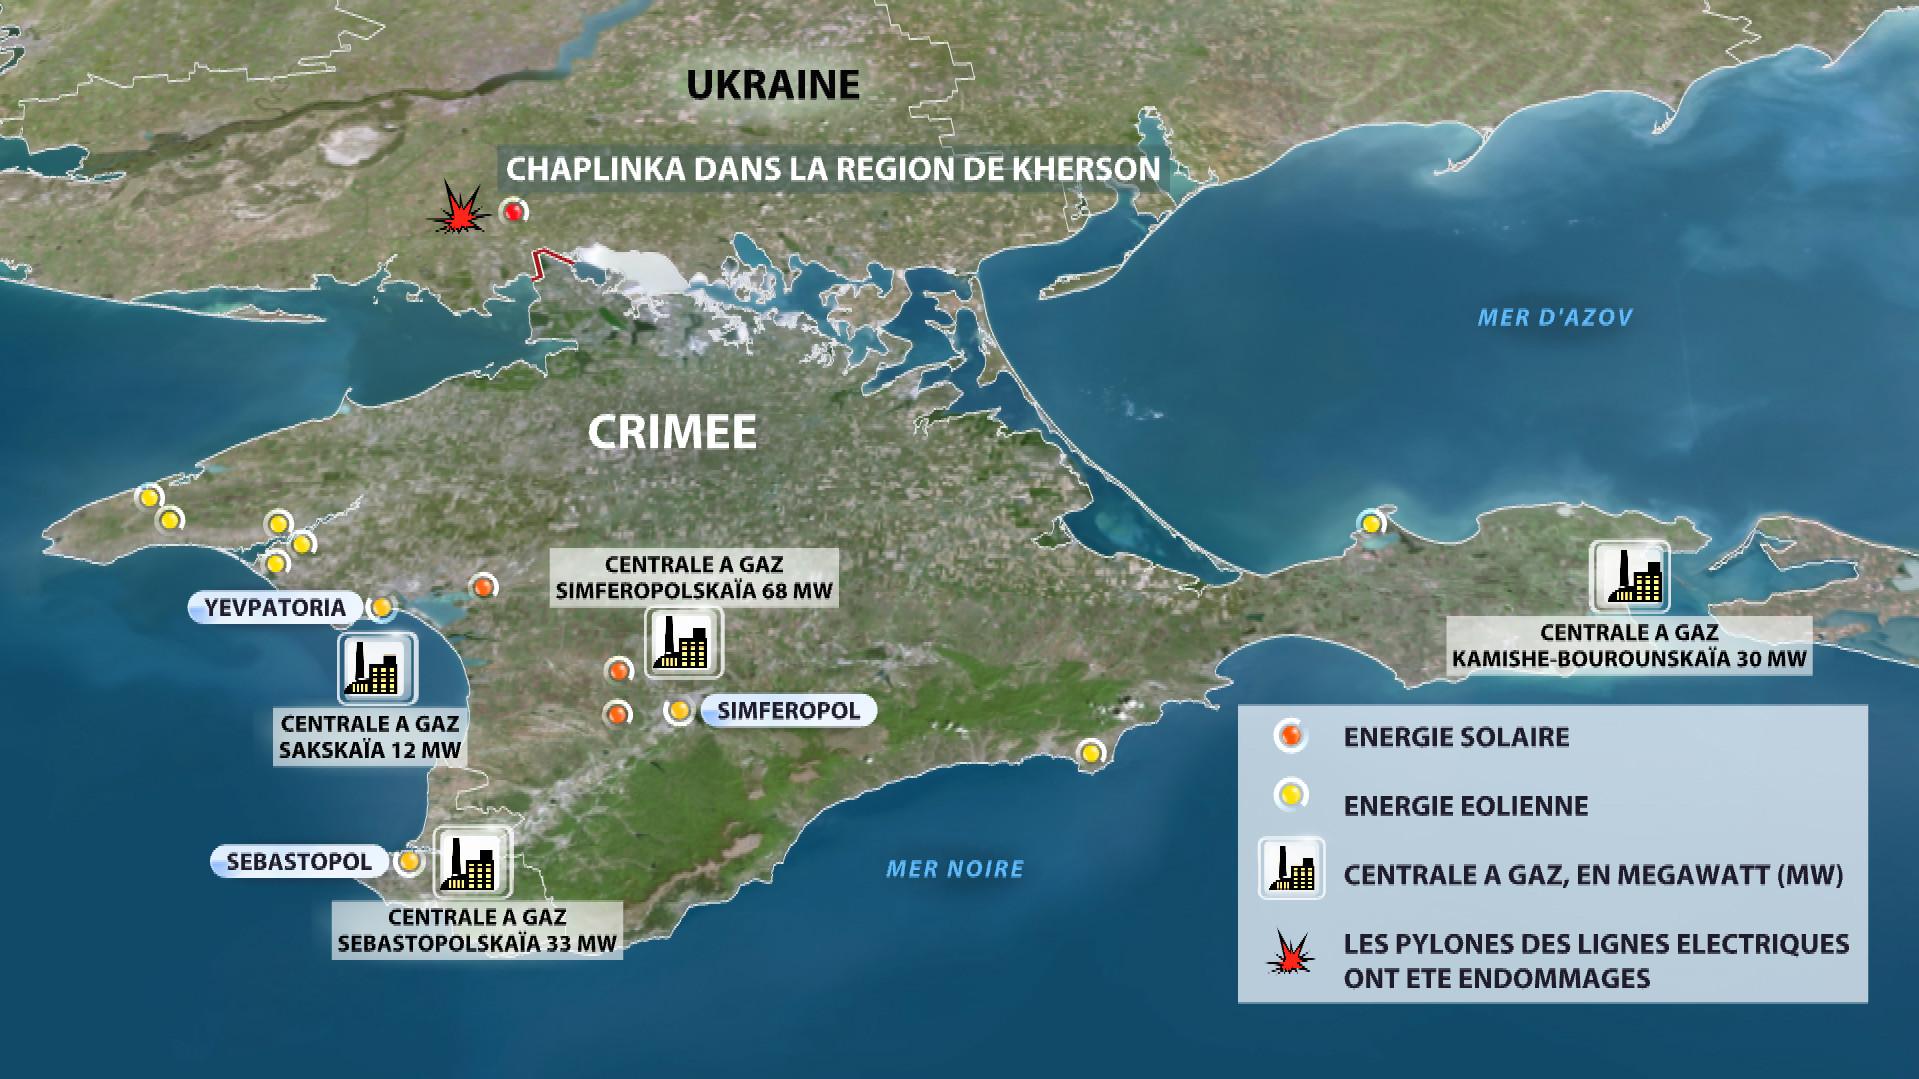 En images : les raisons de l'instauration de l'état d'urgence en Crimée